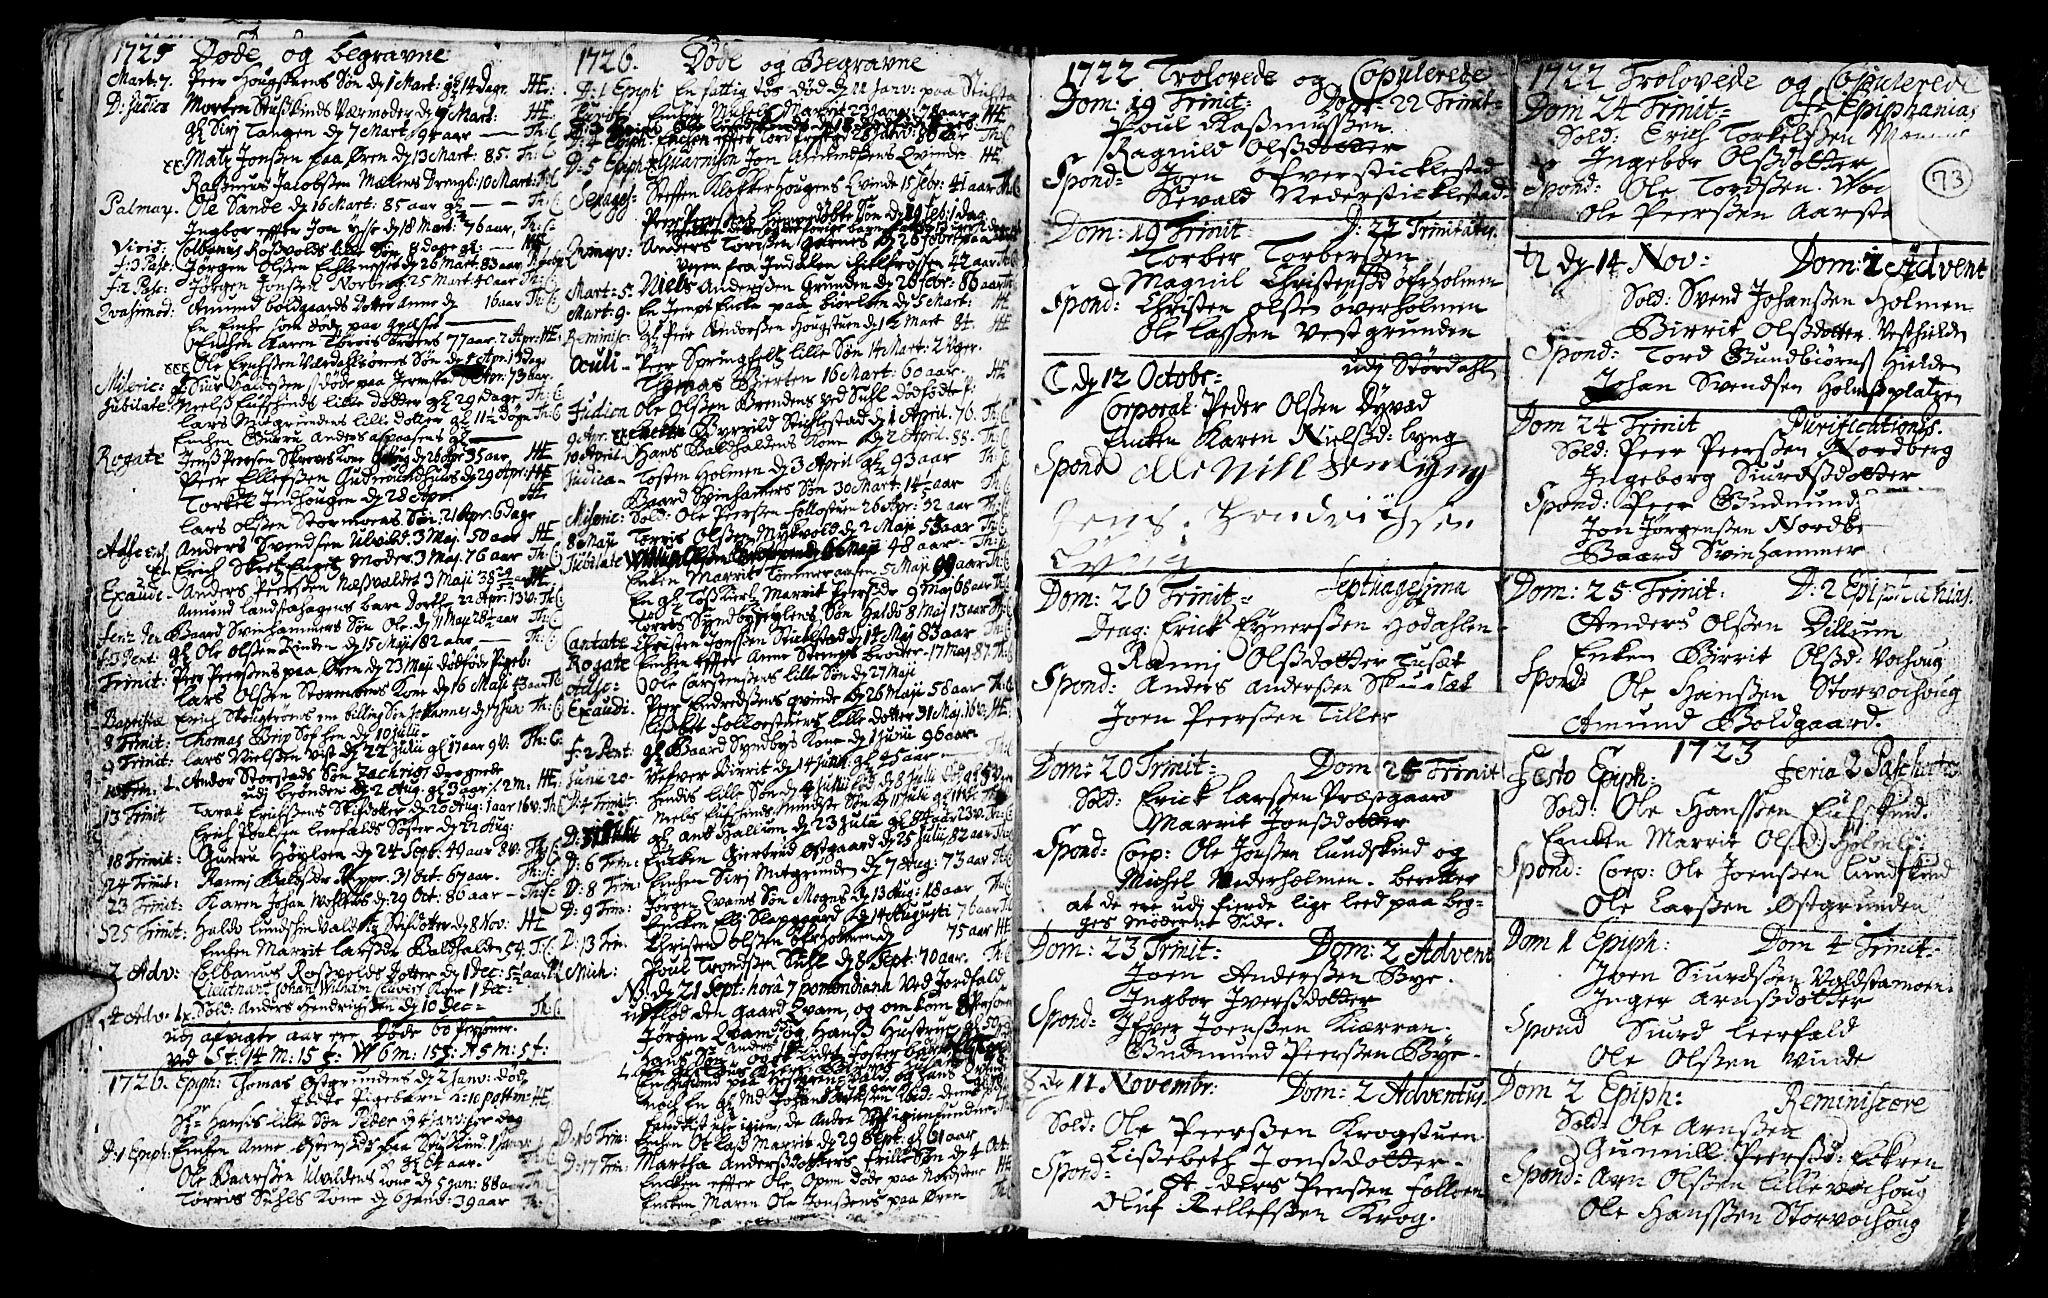 SAT, Ministerialprotokoller, klokkerbøker og fødselsregistre - Nord-Trøndelag, 723/L0230: Ministerialbok nr. 723A01, 1705-1747, s. 73